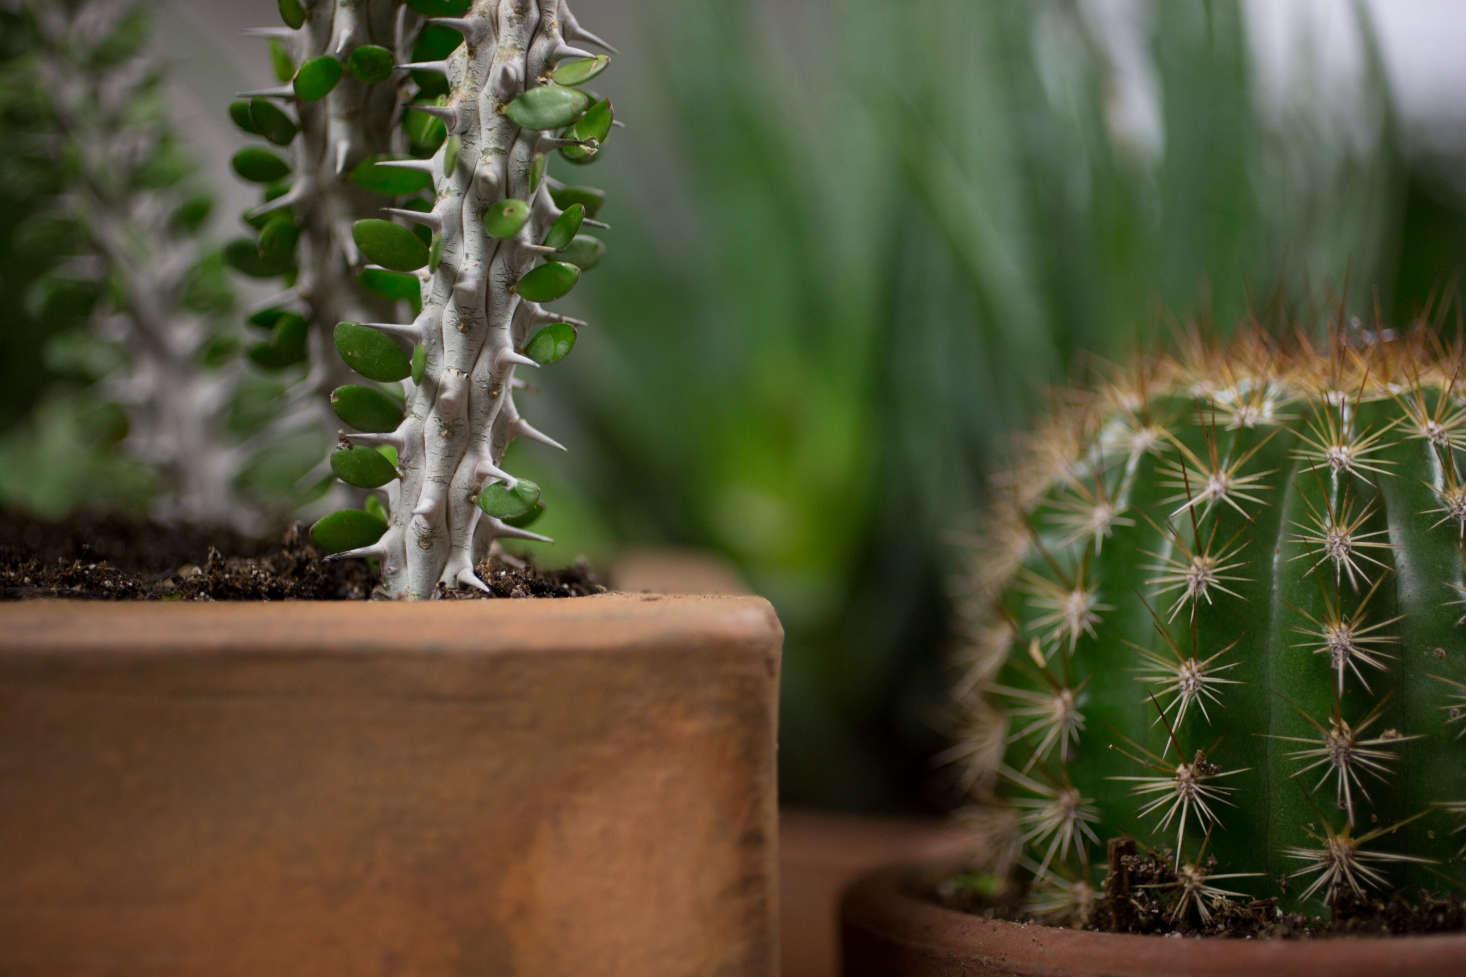 再看看世界里的植物。莫莉·莫莉的故事。